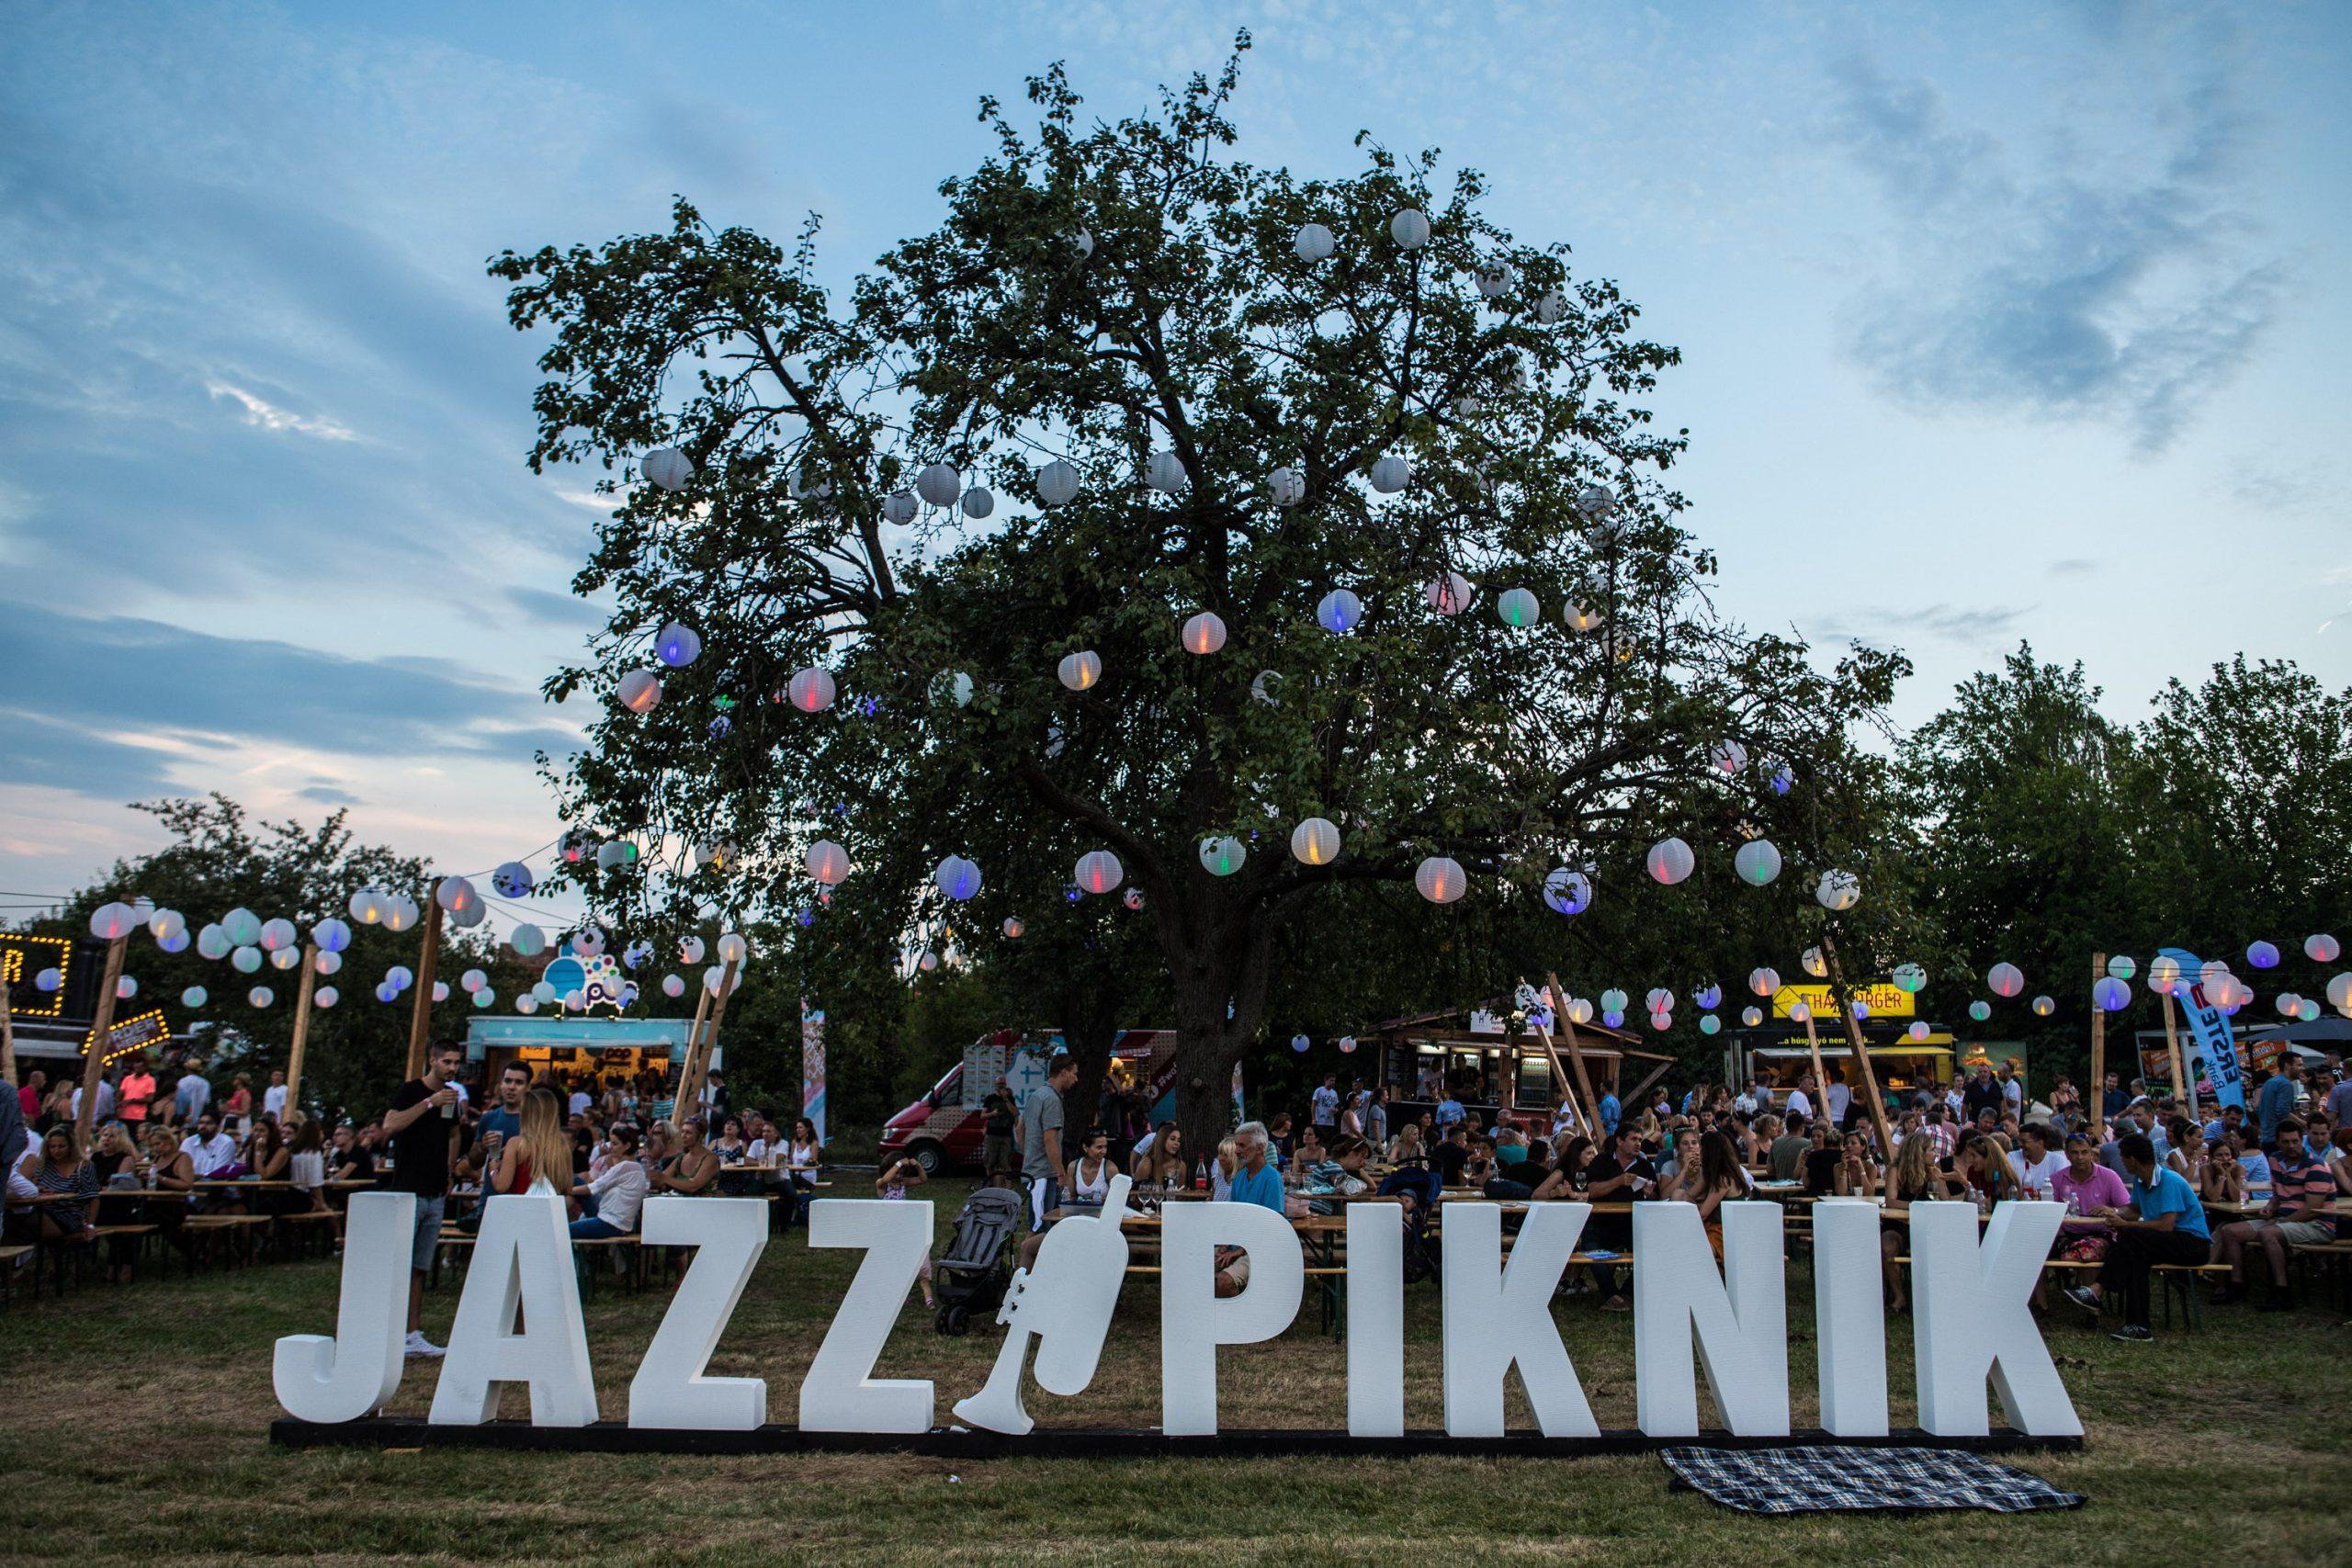 Megvannak az idei Jazzpiknik első fellépői